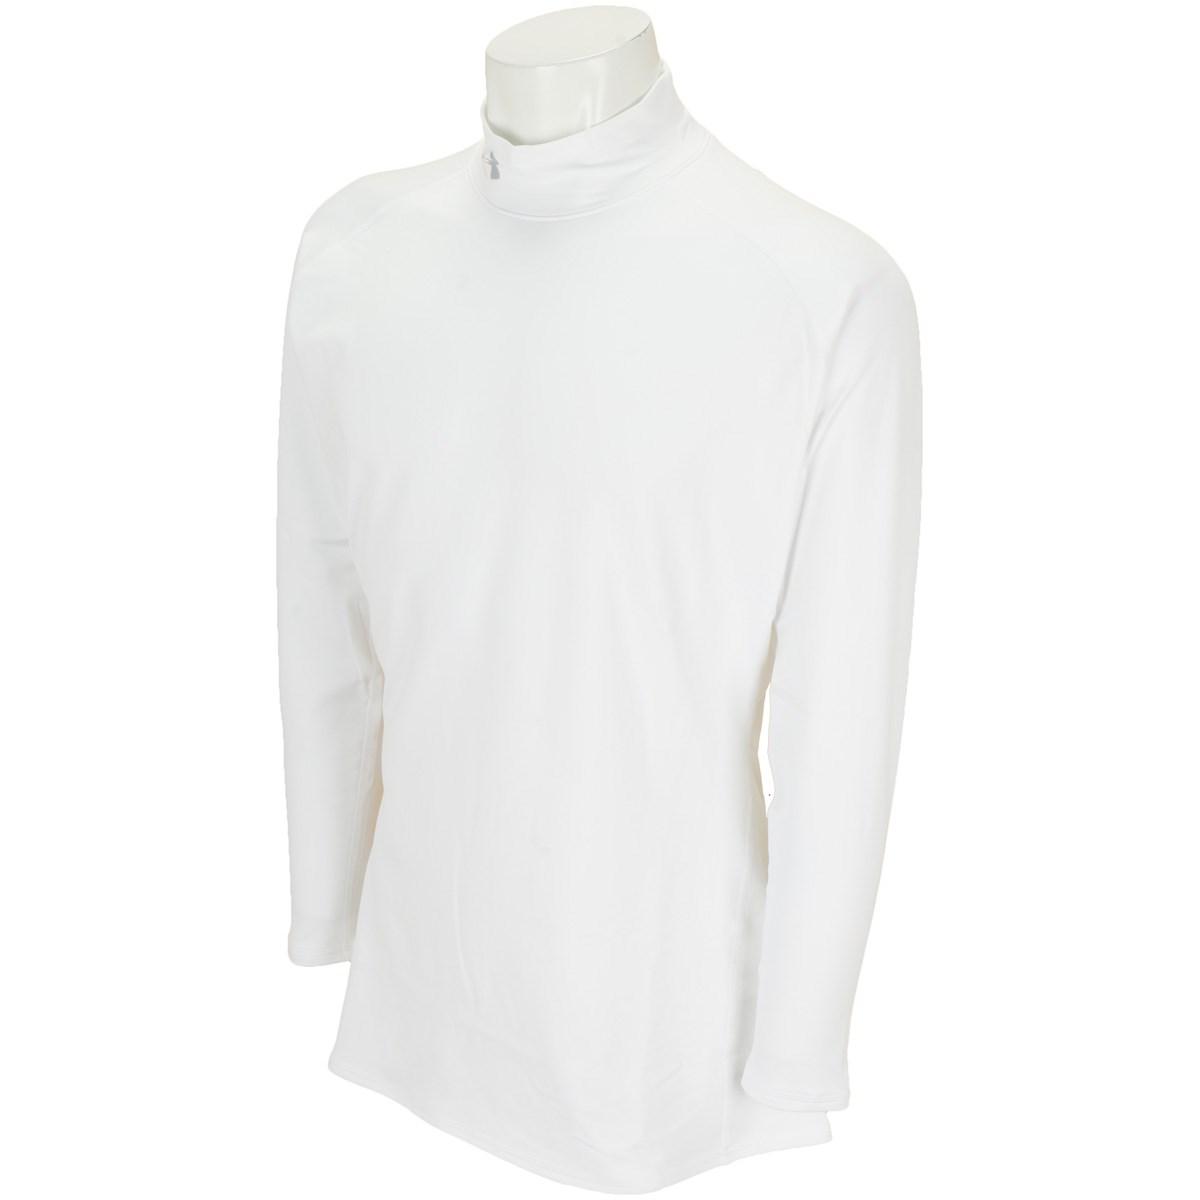 アンダーアーマー Under Armour UA コールドギア Fitted Mock 長袖インナーシャツ XL WHITE/OVERCAST GRAY